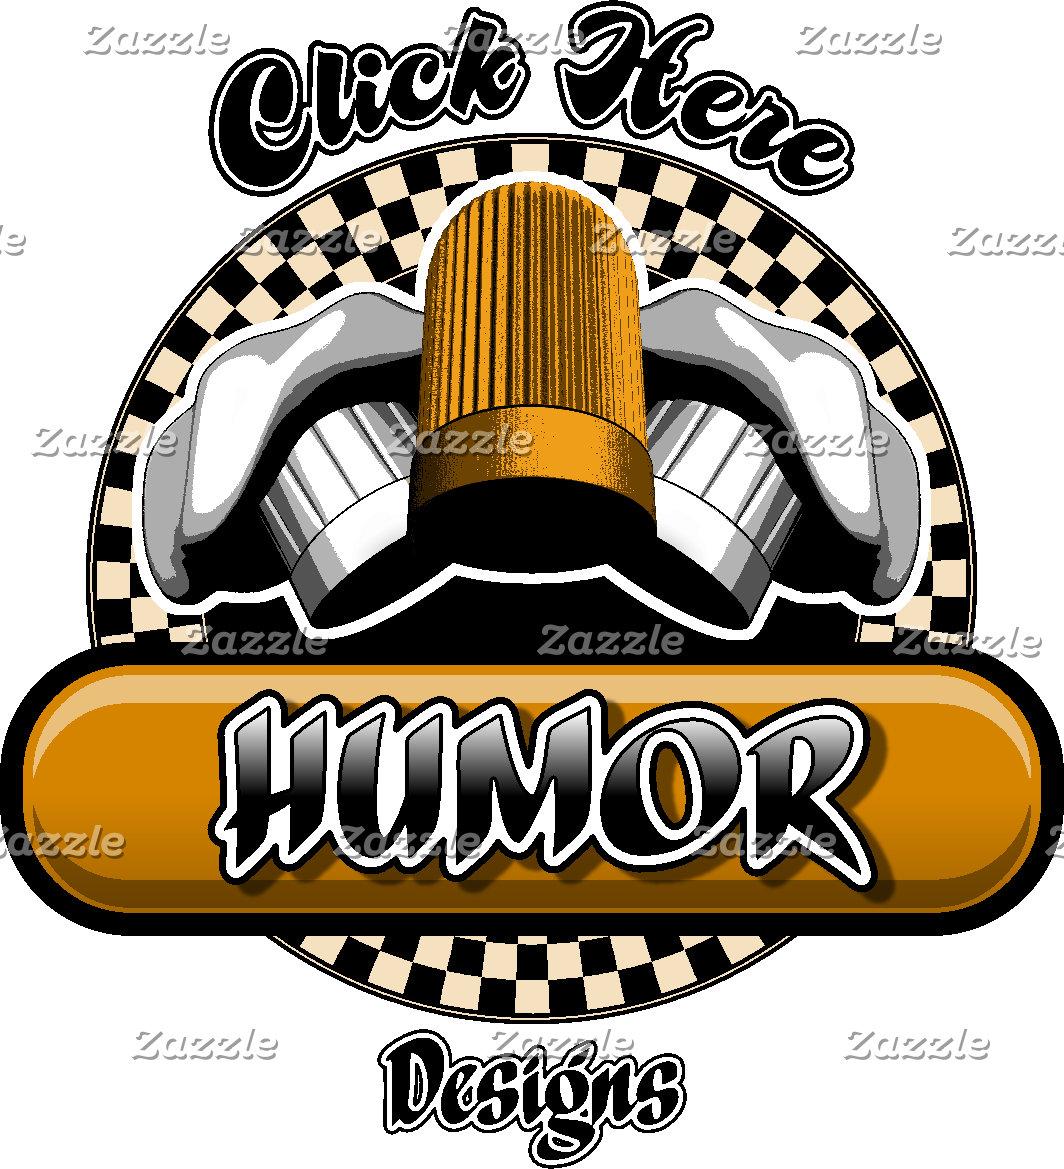 2. Chef Humor